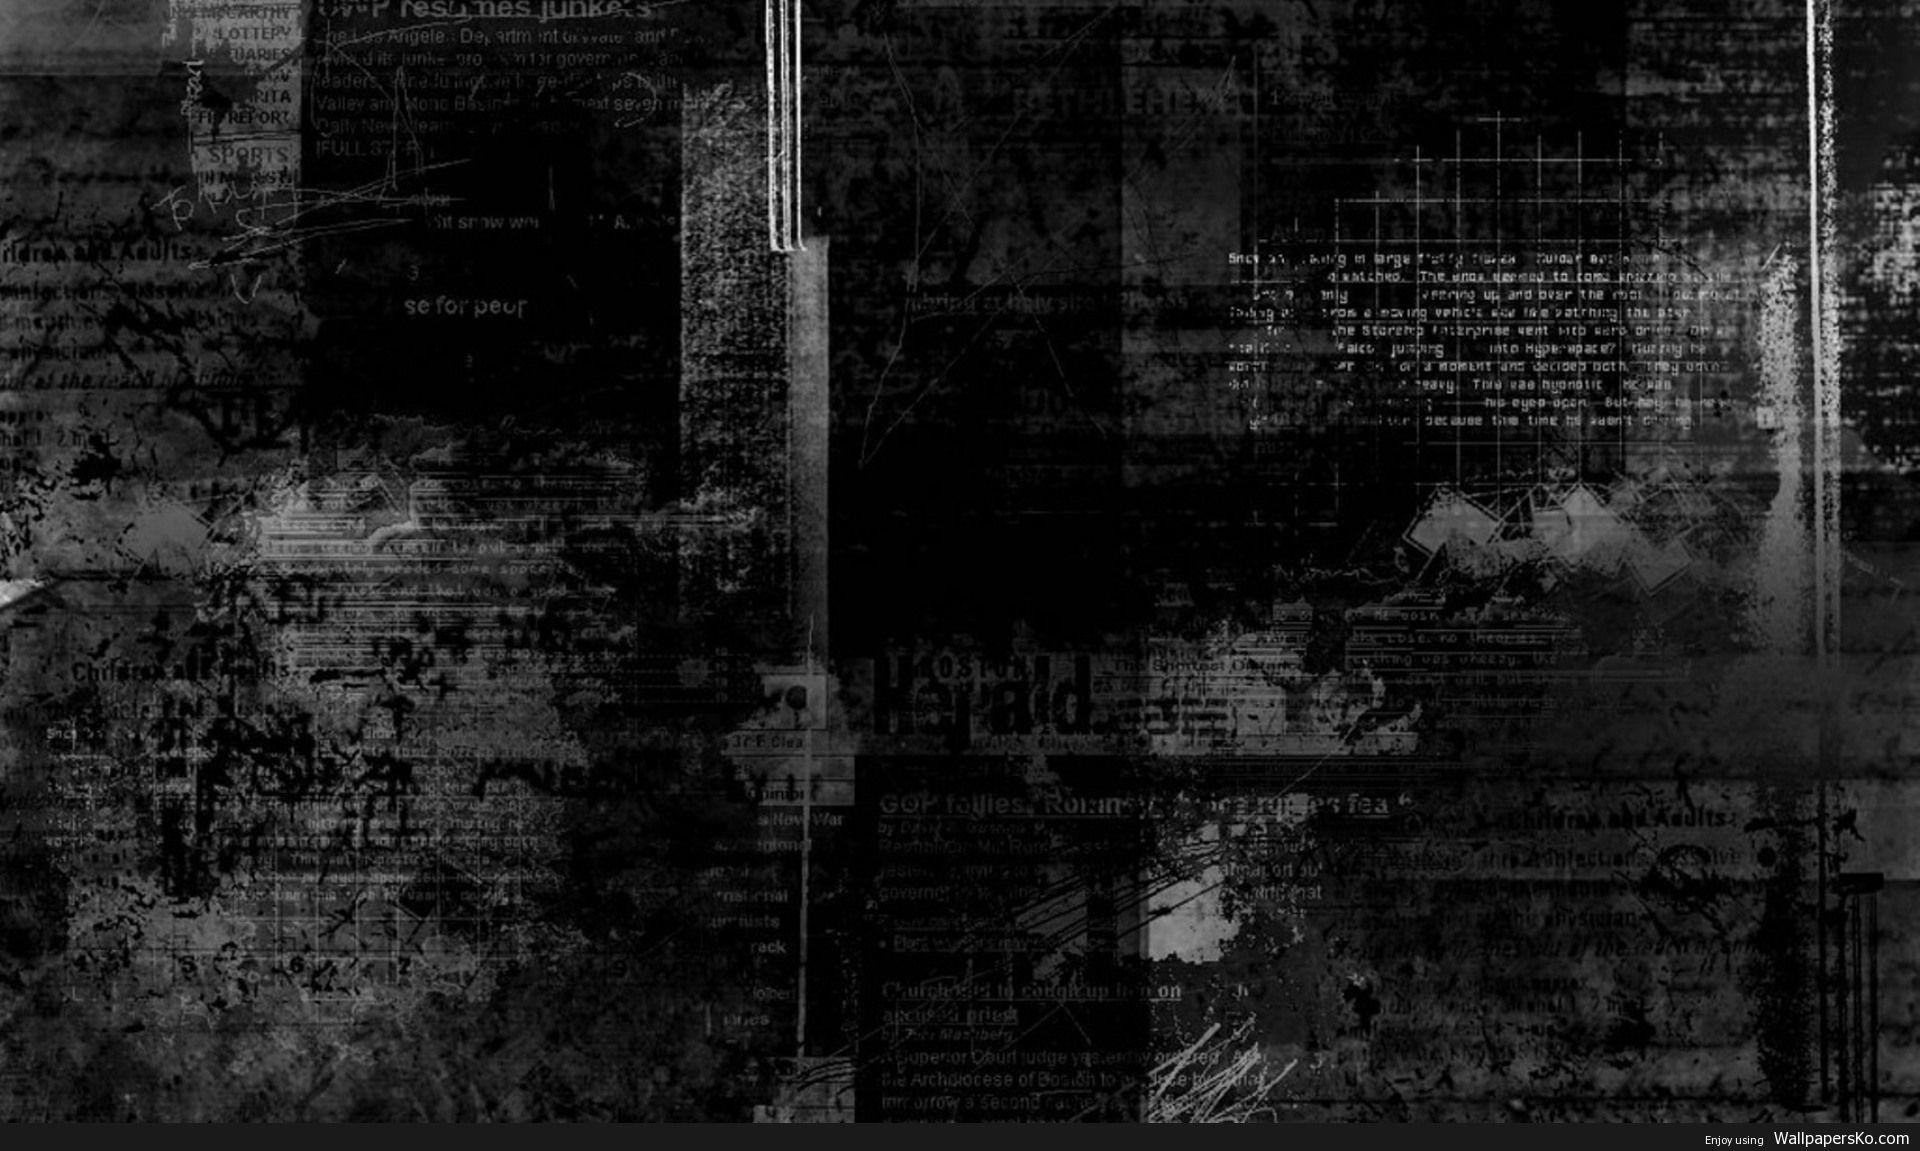 Dark Abstract Wallpaper Http Wallpapersko Com Dark Abstract Wallpaper Html Hd Black Abstract Background Abstract Wallpaper Abstract Wallpaper Backgrounds